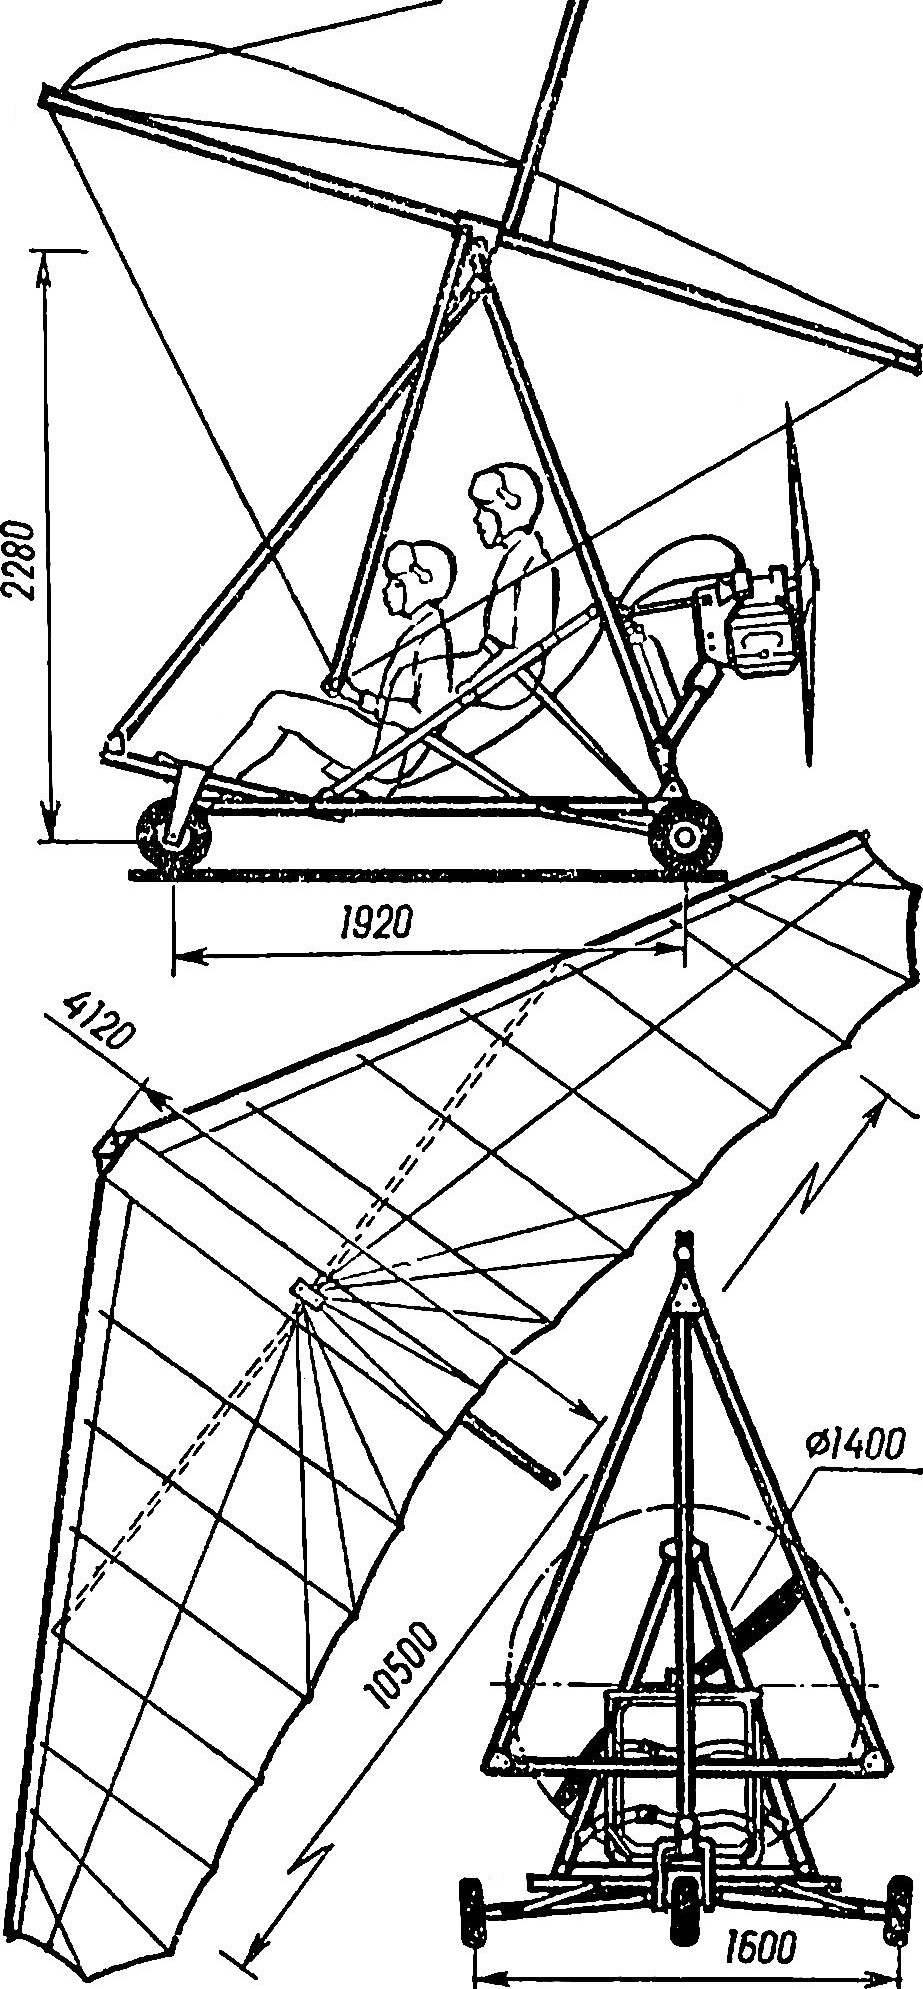 Рис. 4. Двухместный мотодельтаплан МАИ-2 конструкции А. Русака с панельной мототележкой.